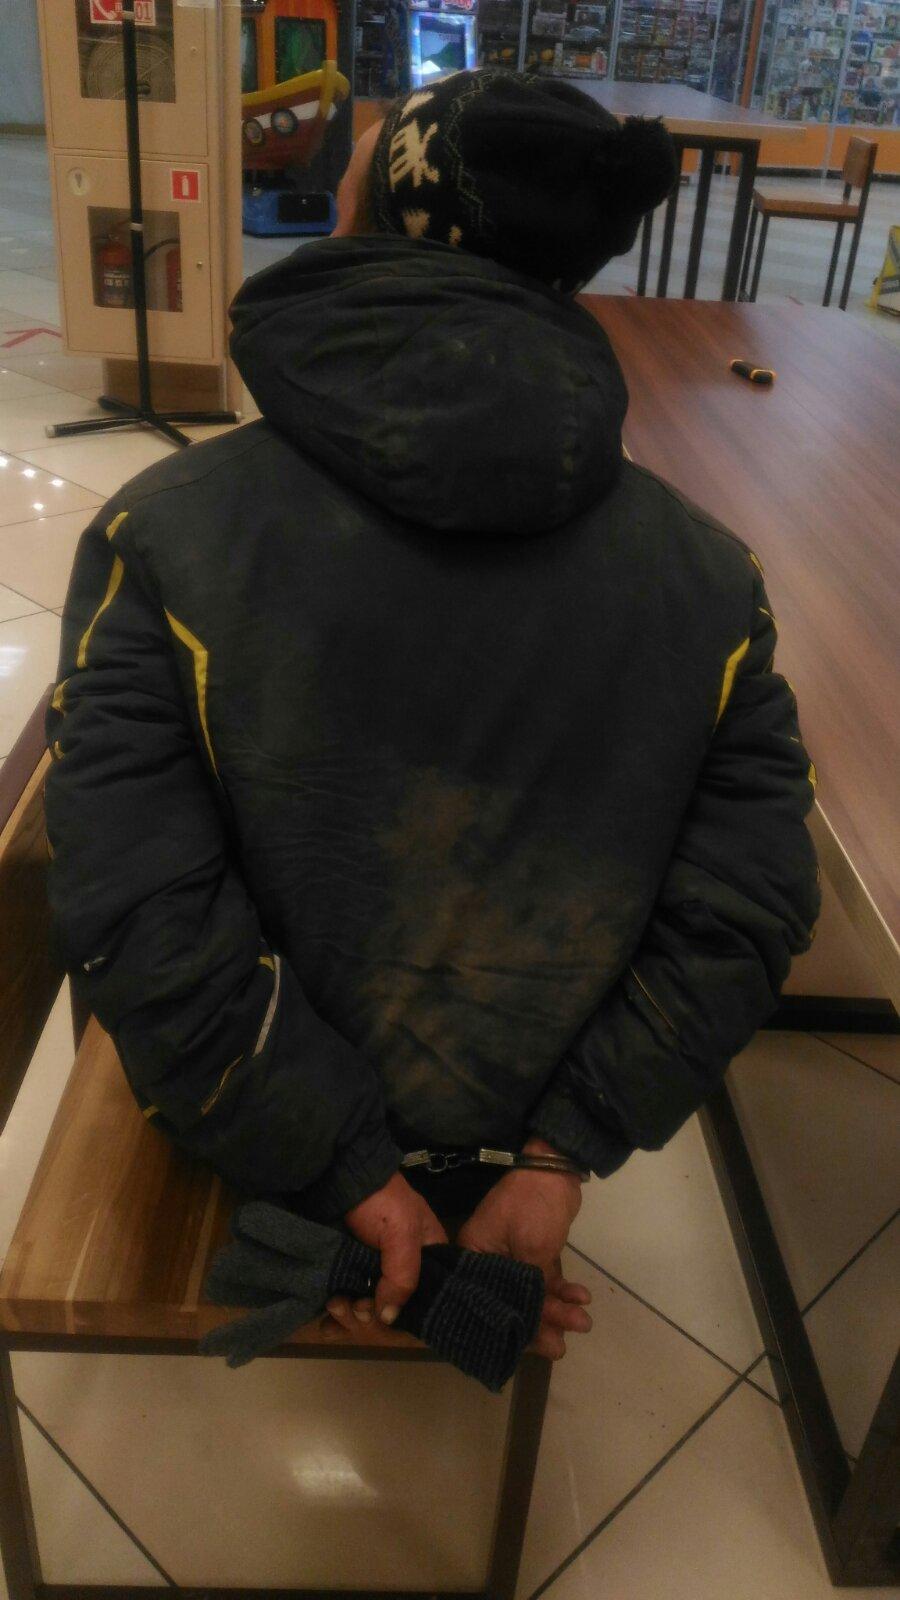 В Перми задержали посетителя кафе быстрого питания с ножом в руках